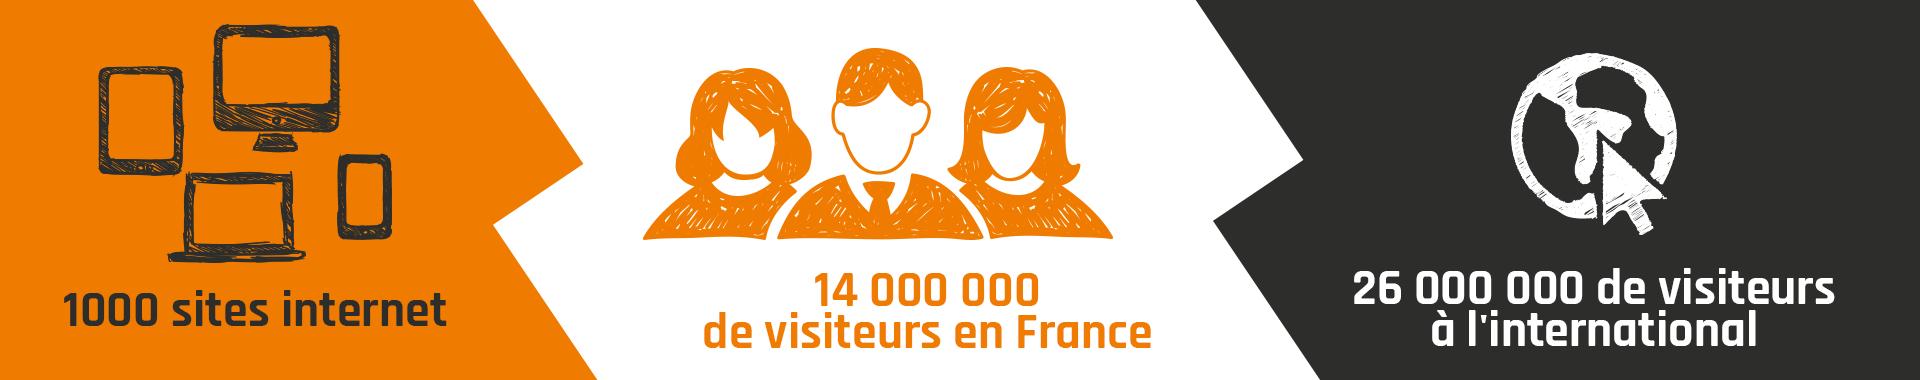 26 000 000 de visiteurs à l'international